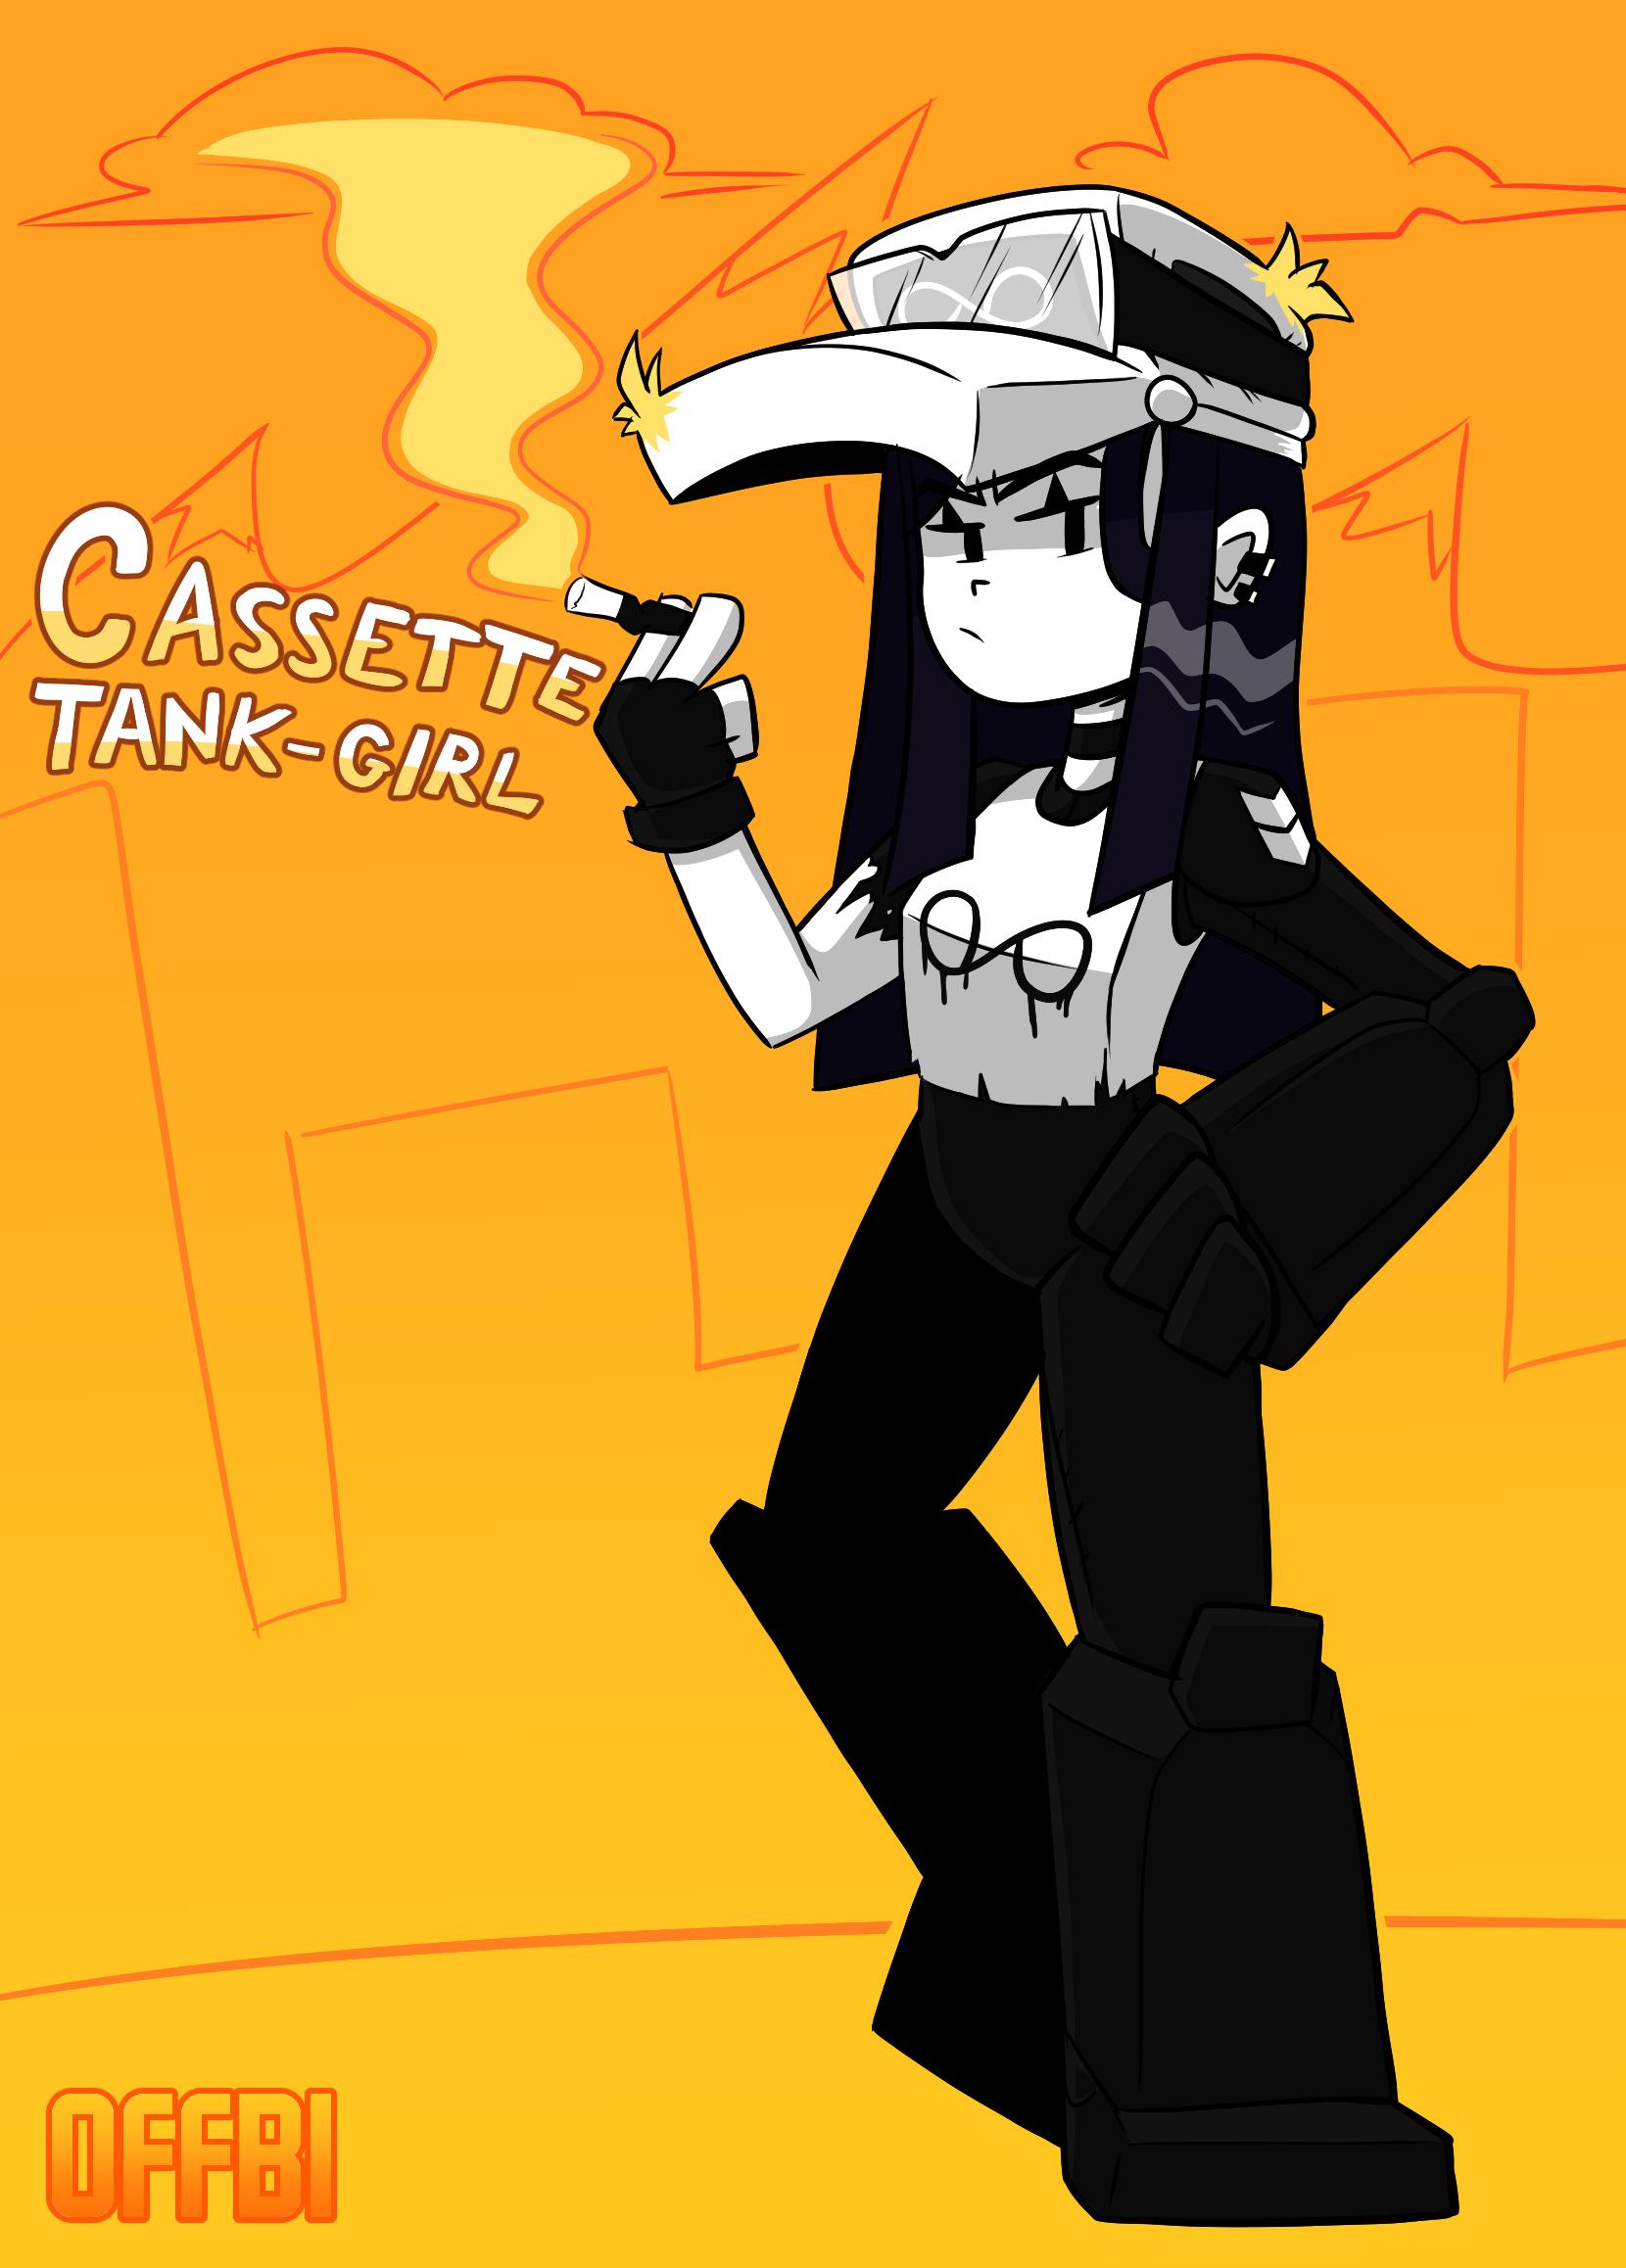 Cassette tank girl